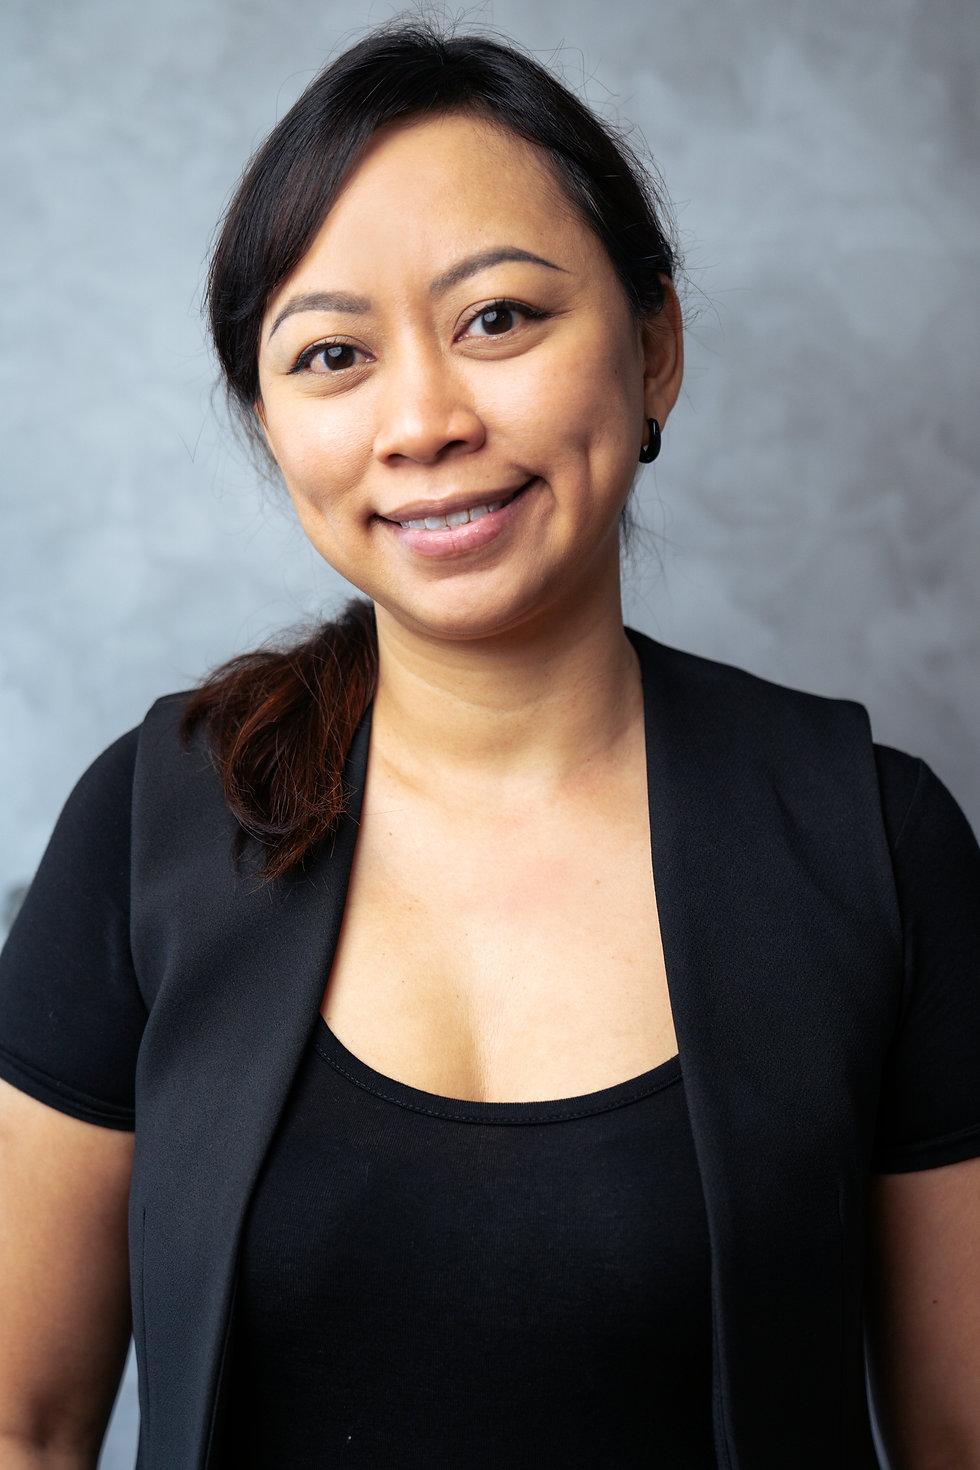 Lina Rahim